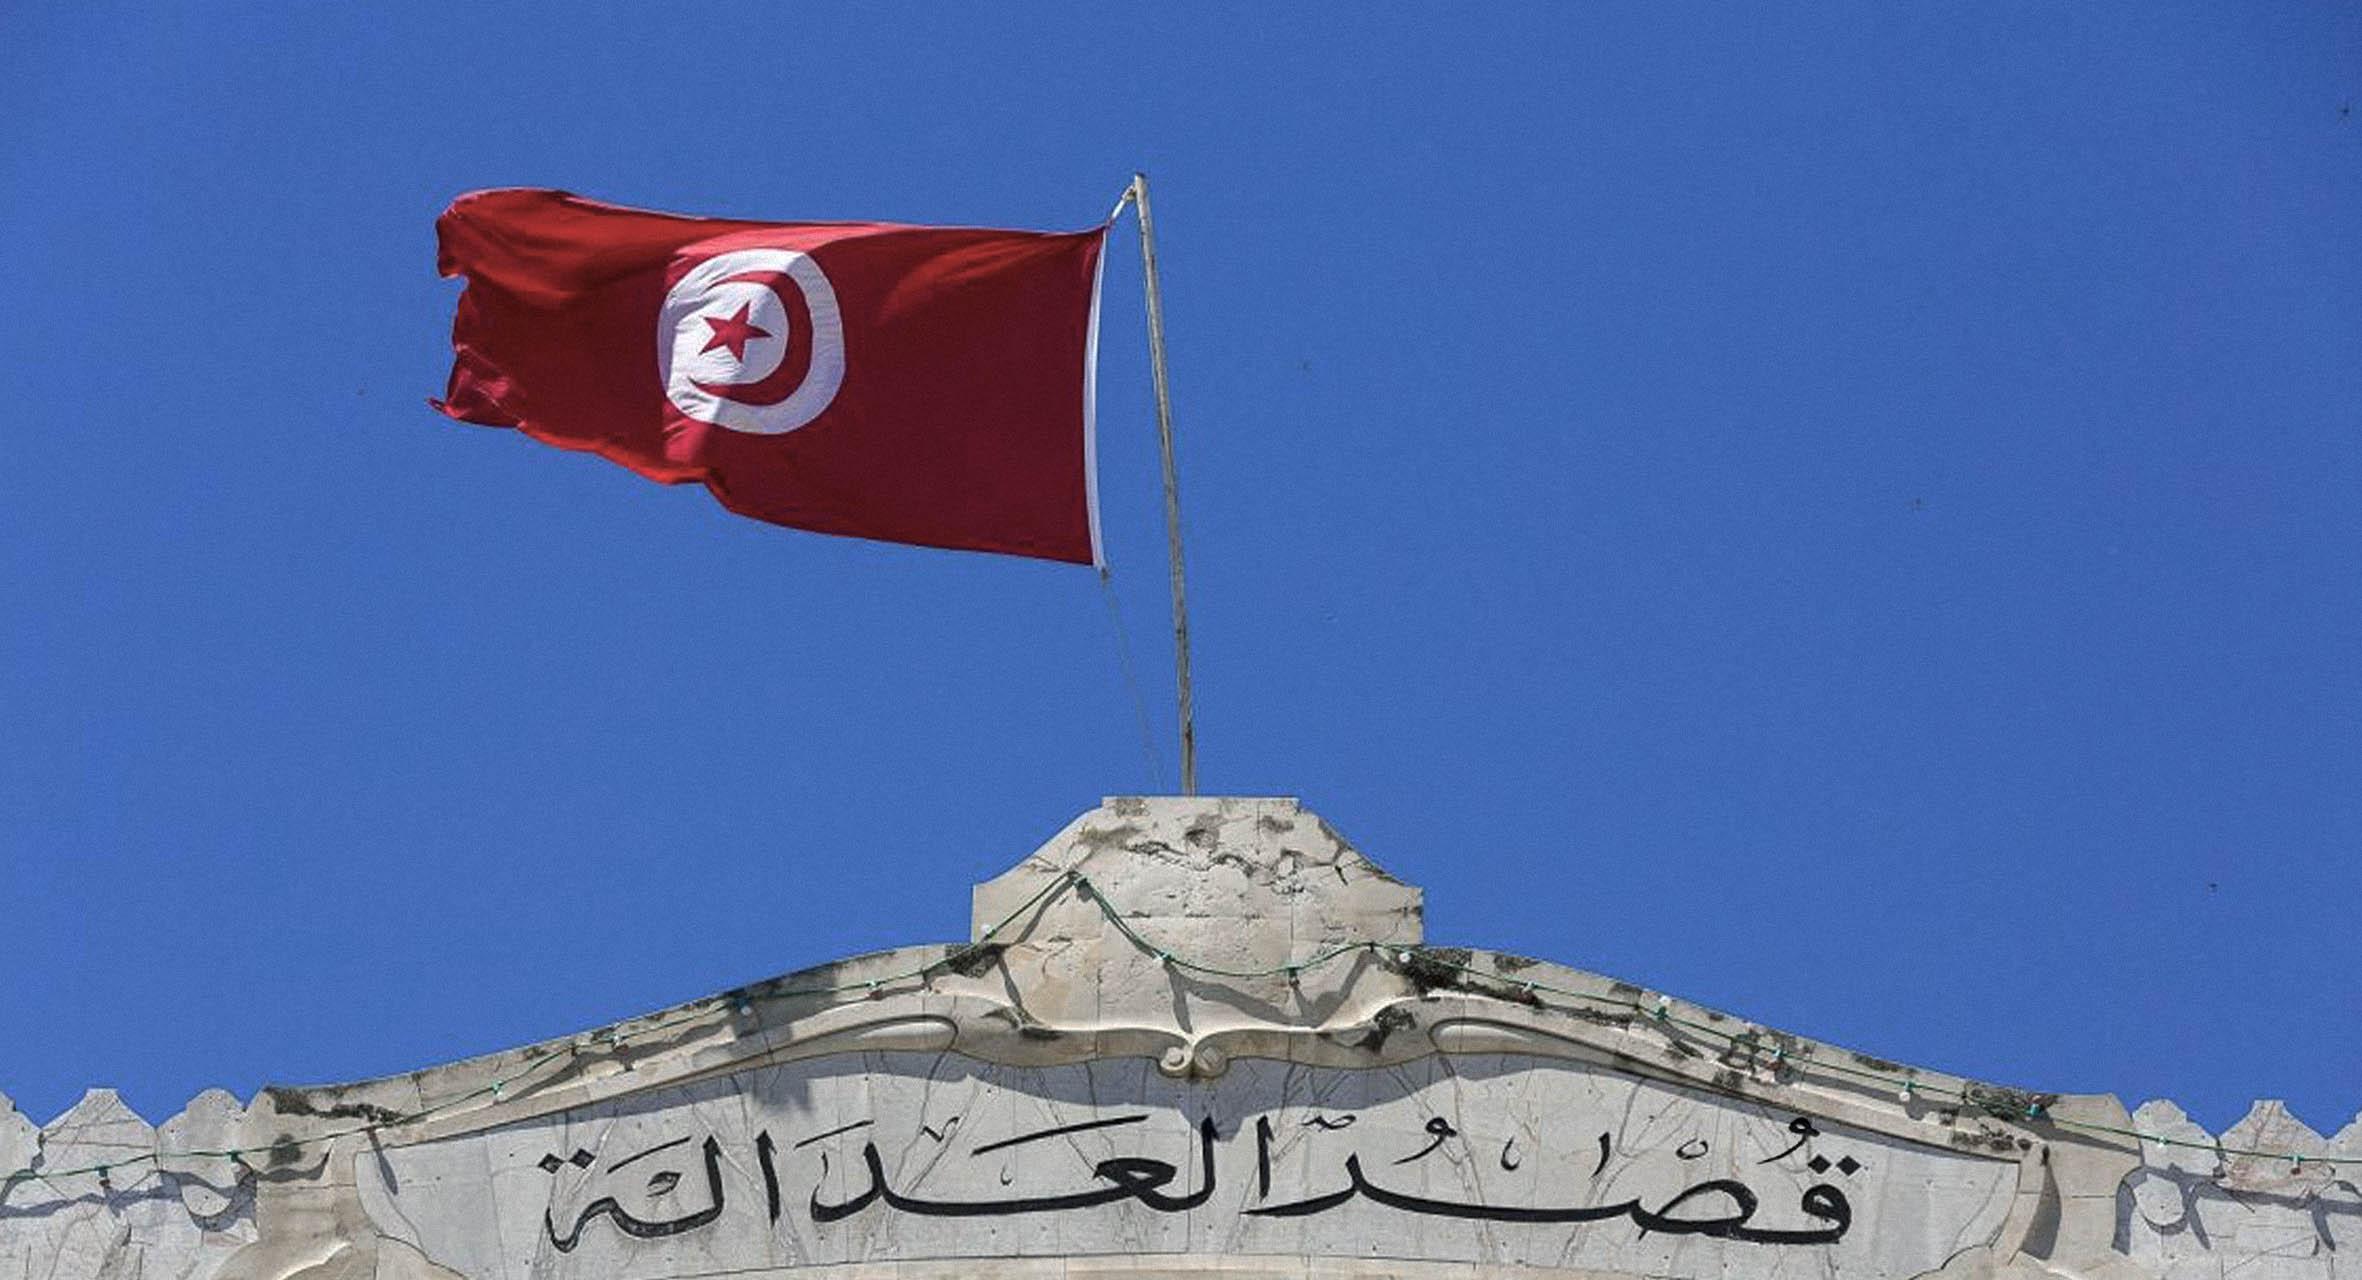 صورة تونس: الحكم ٣٠ عاماً على شباب دخّنوا الحشيش في ممتلكات عامة بدلاً من سرقتها وبيعها وتقاسم ثمنها